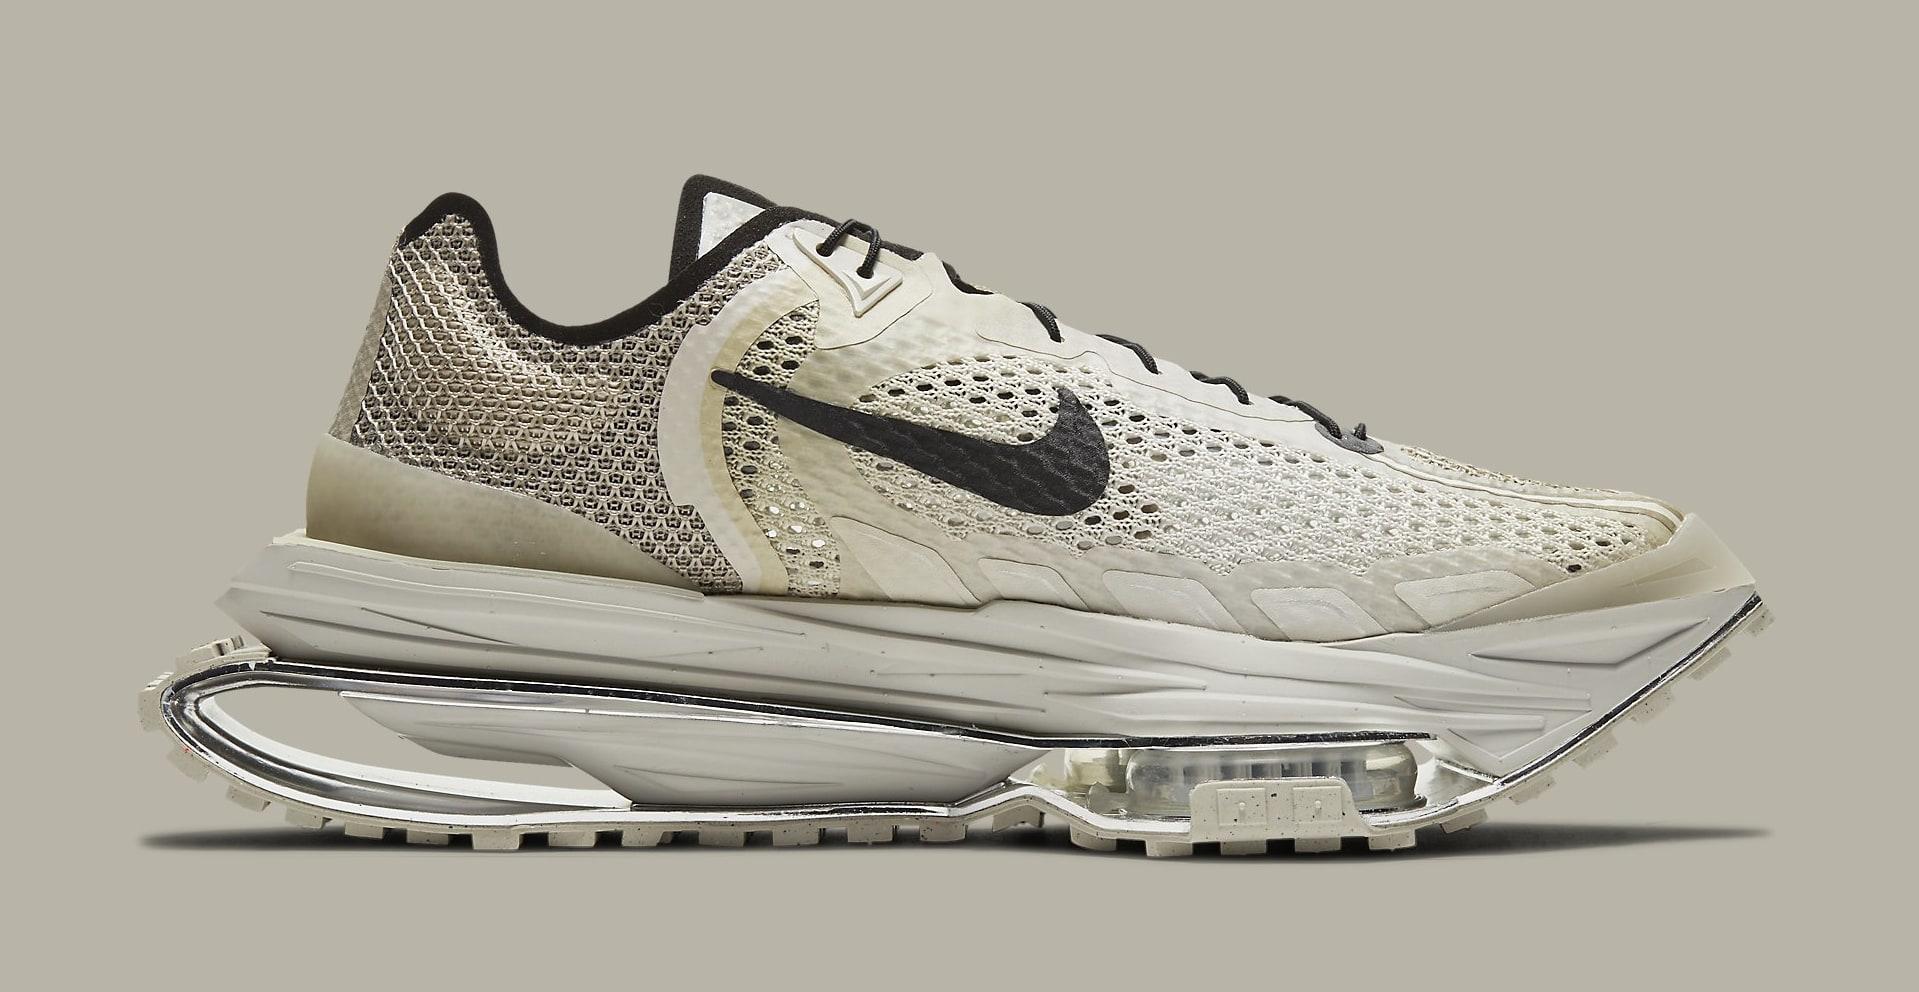 MMW x Nike Zoom 004 'Stone' CU0676-200 Medial